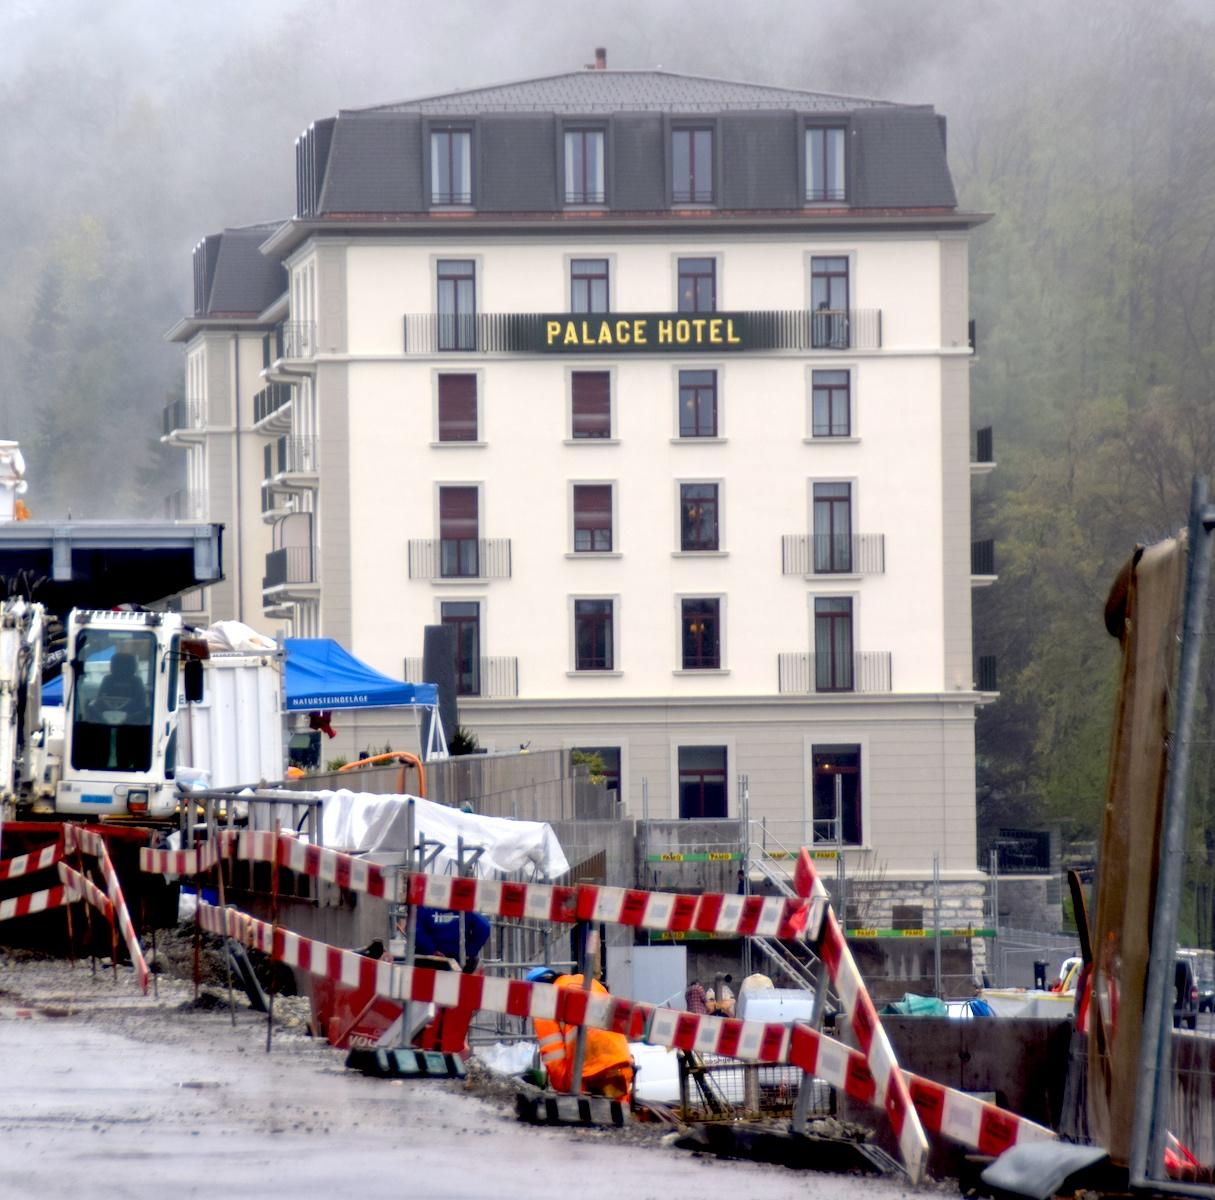 Im Hotel Palace tagen schon Gesellschaften, während an der Zufahrt zum Bürgenstock-Hotel noch Tiefbau-Arbeiten anfallen.